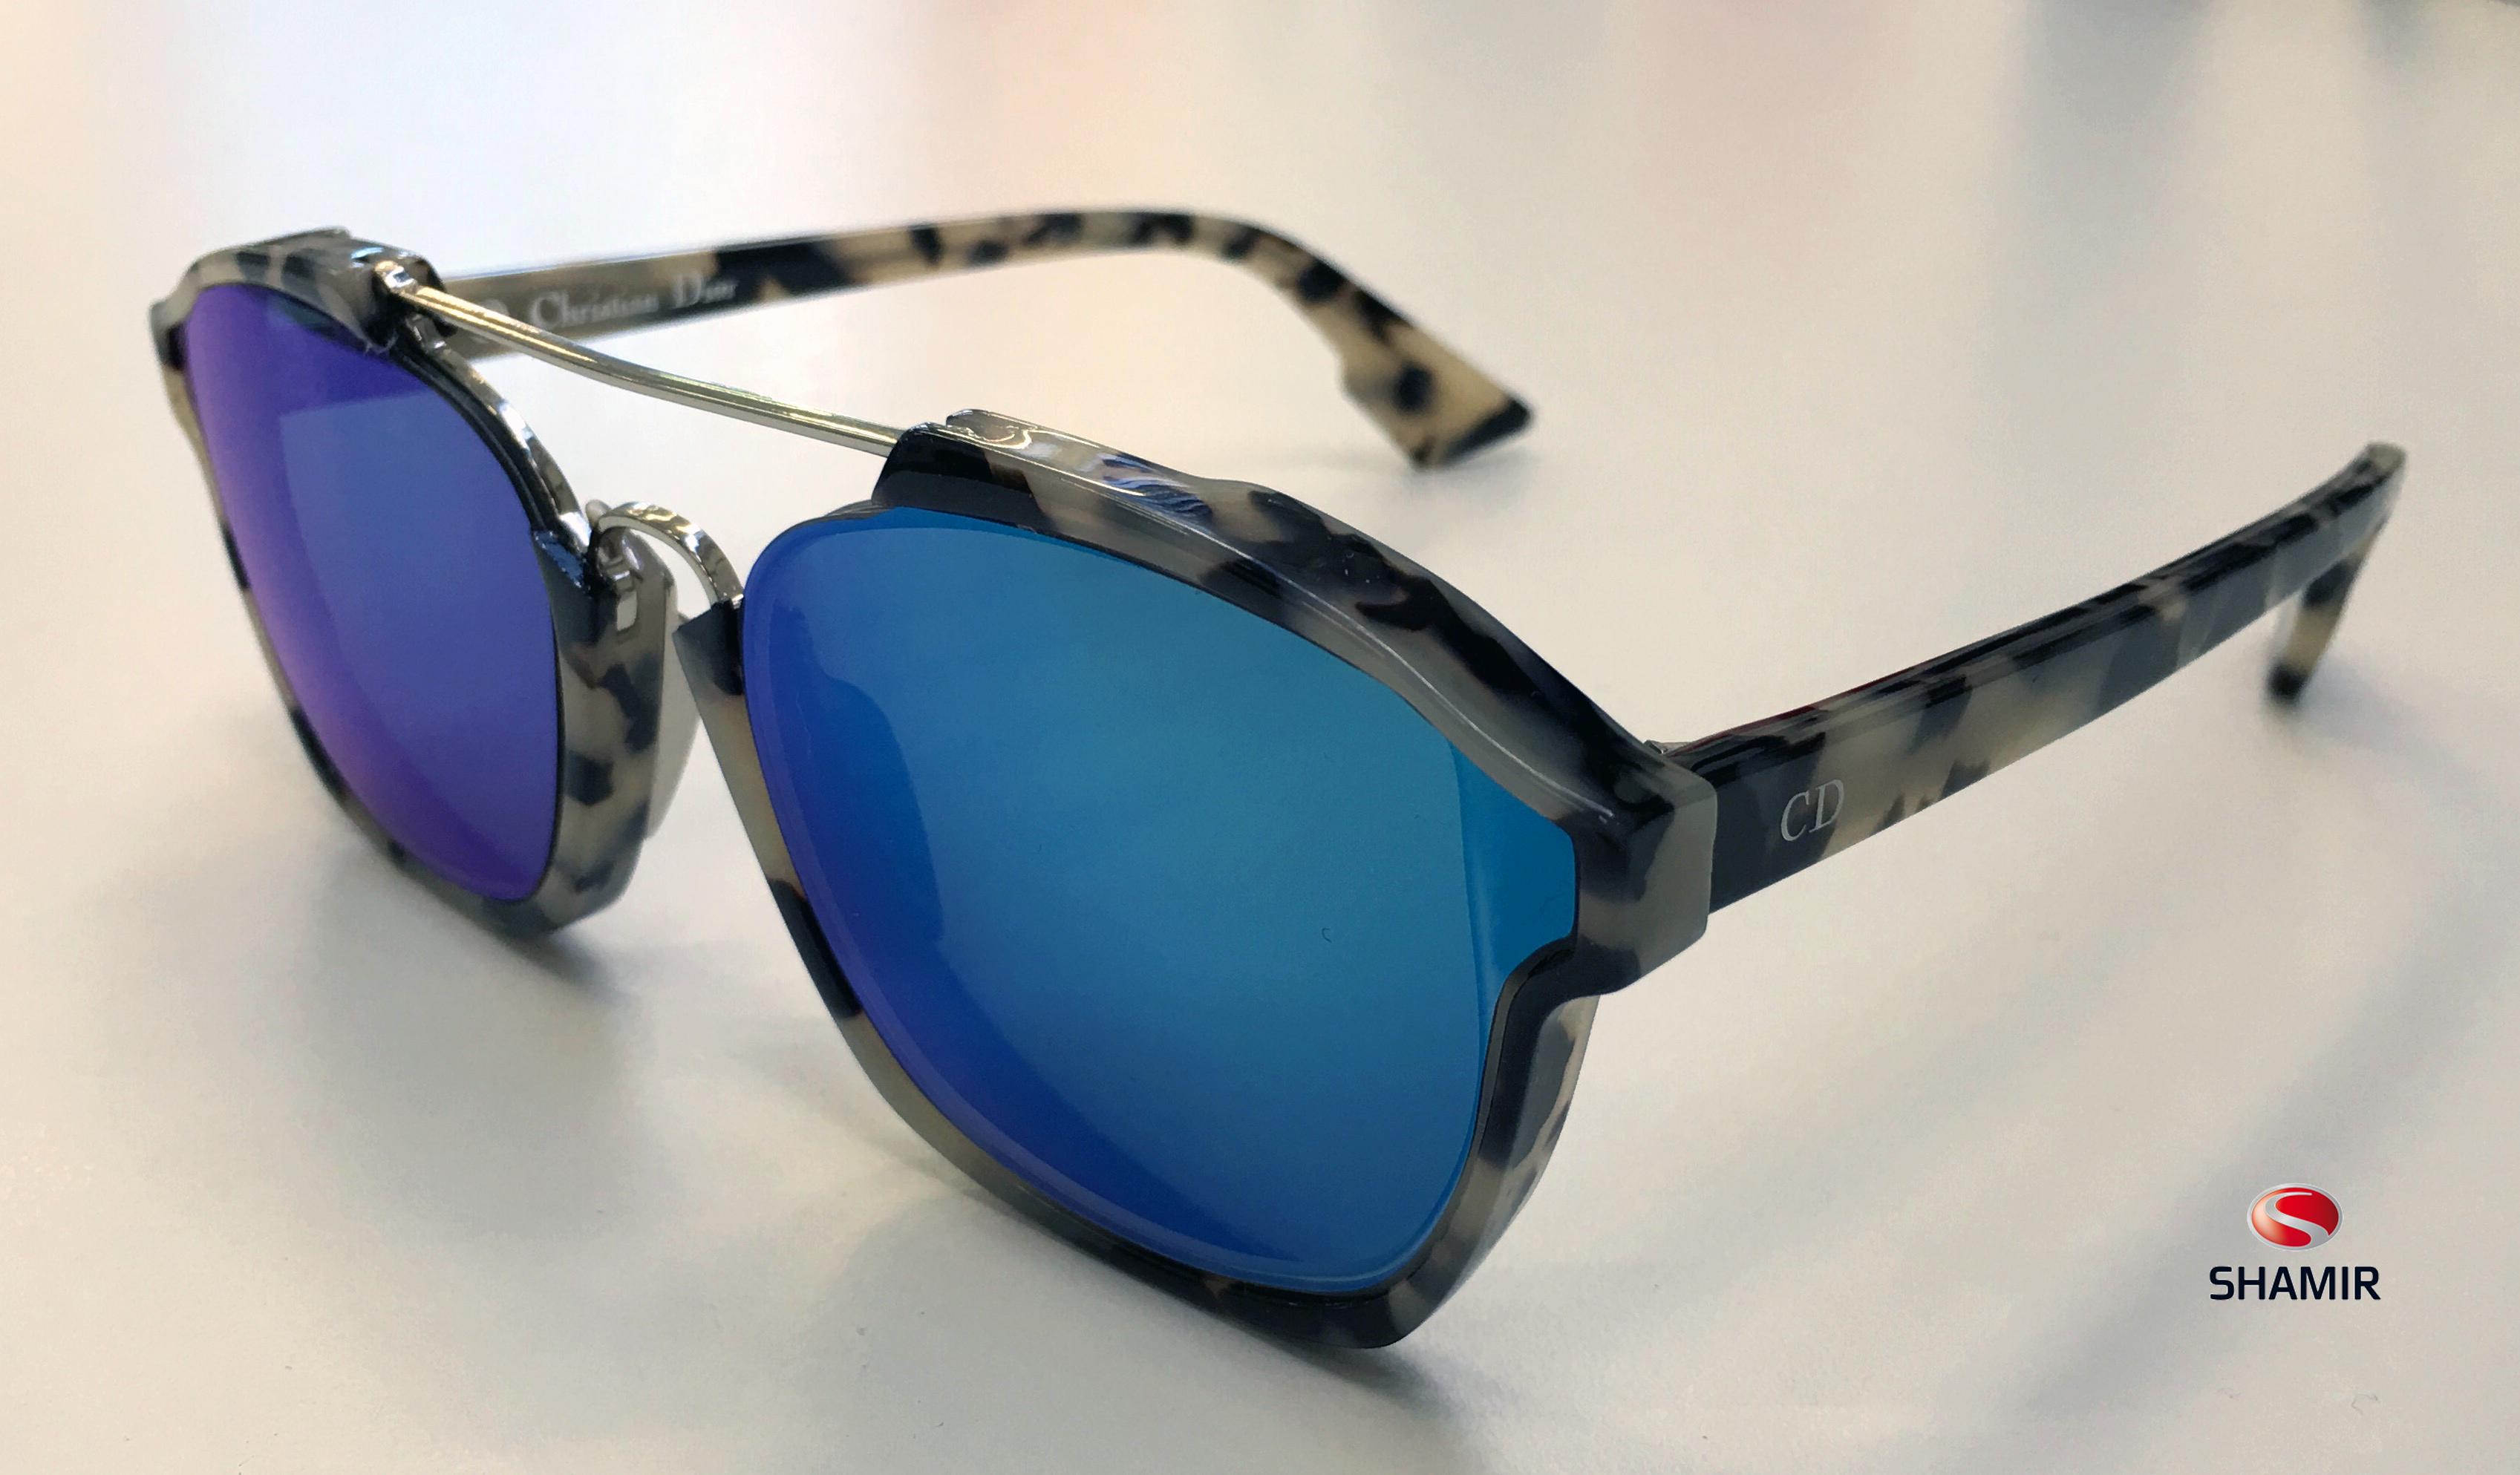 Nuovo montaggio speciale   occhiale Christian Dior realizzato presso i  laboratori Shamir Rx bbe94af59b